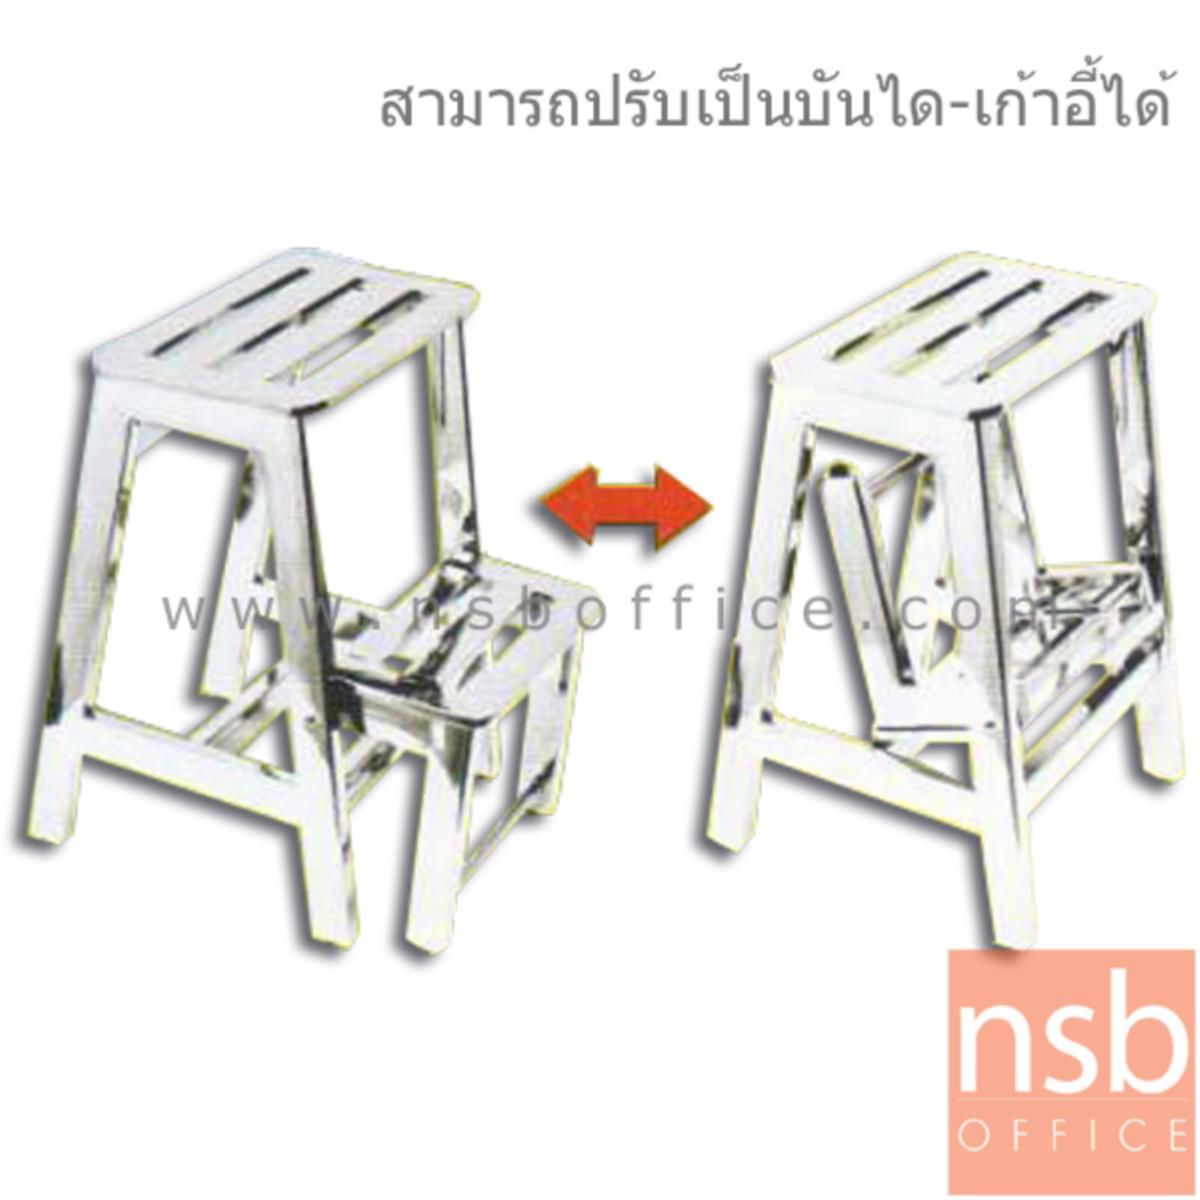 G12A202:เก้าอี้สเต็บ ปรับเป็นบันได 2 ขั้น (ผลิตจากสเตนเลสเหลี่ยม) รุ่น Marsh (มาร์ช)